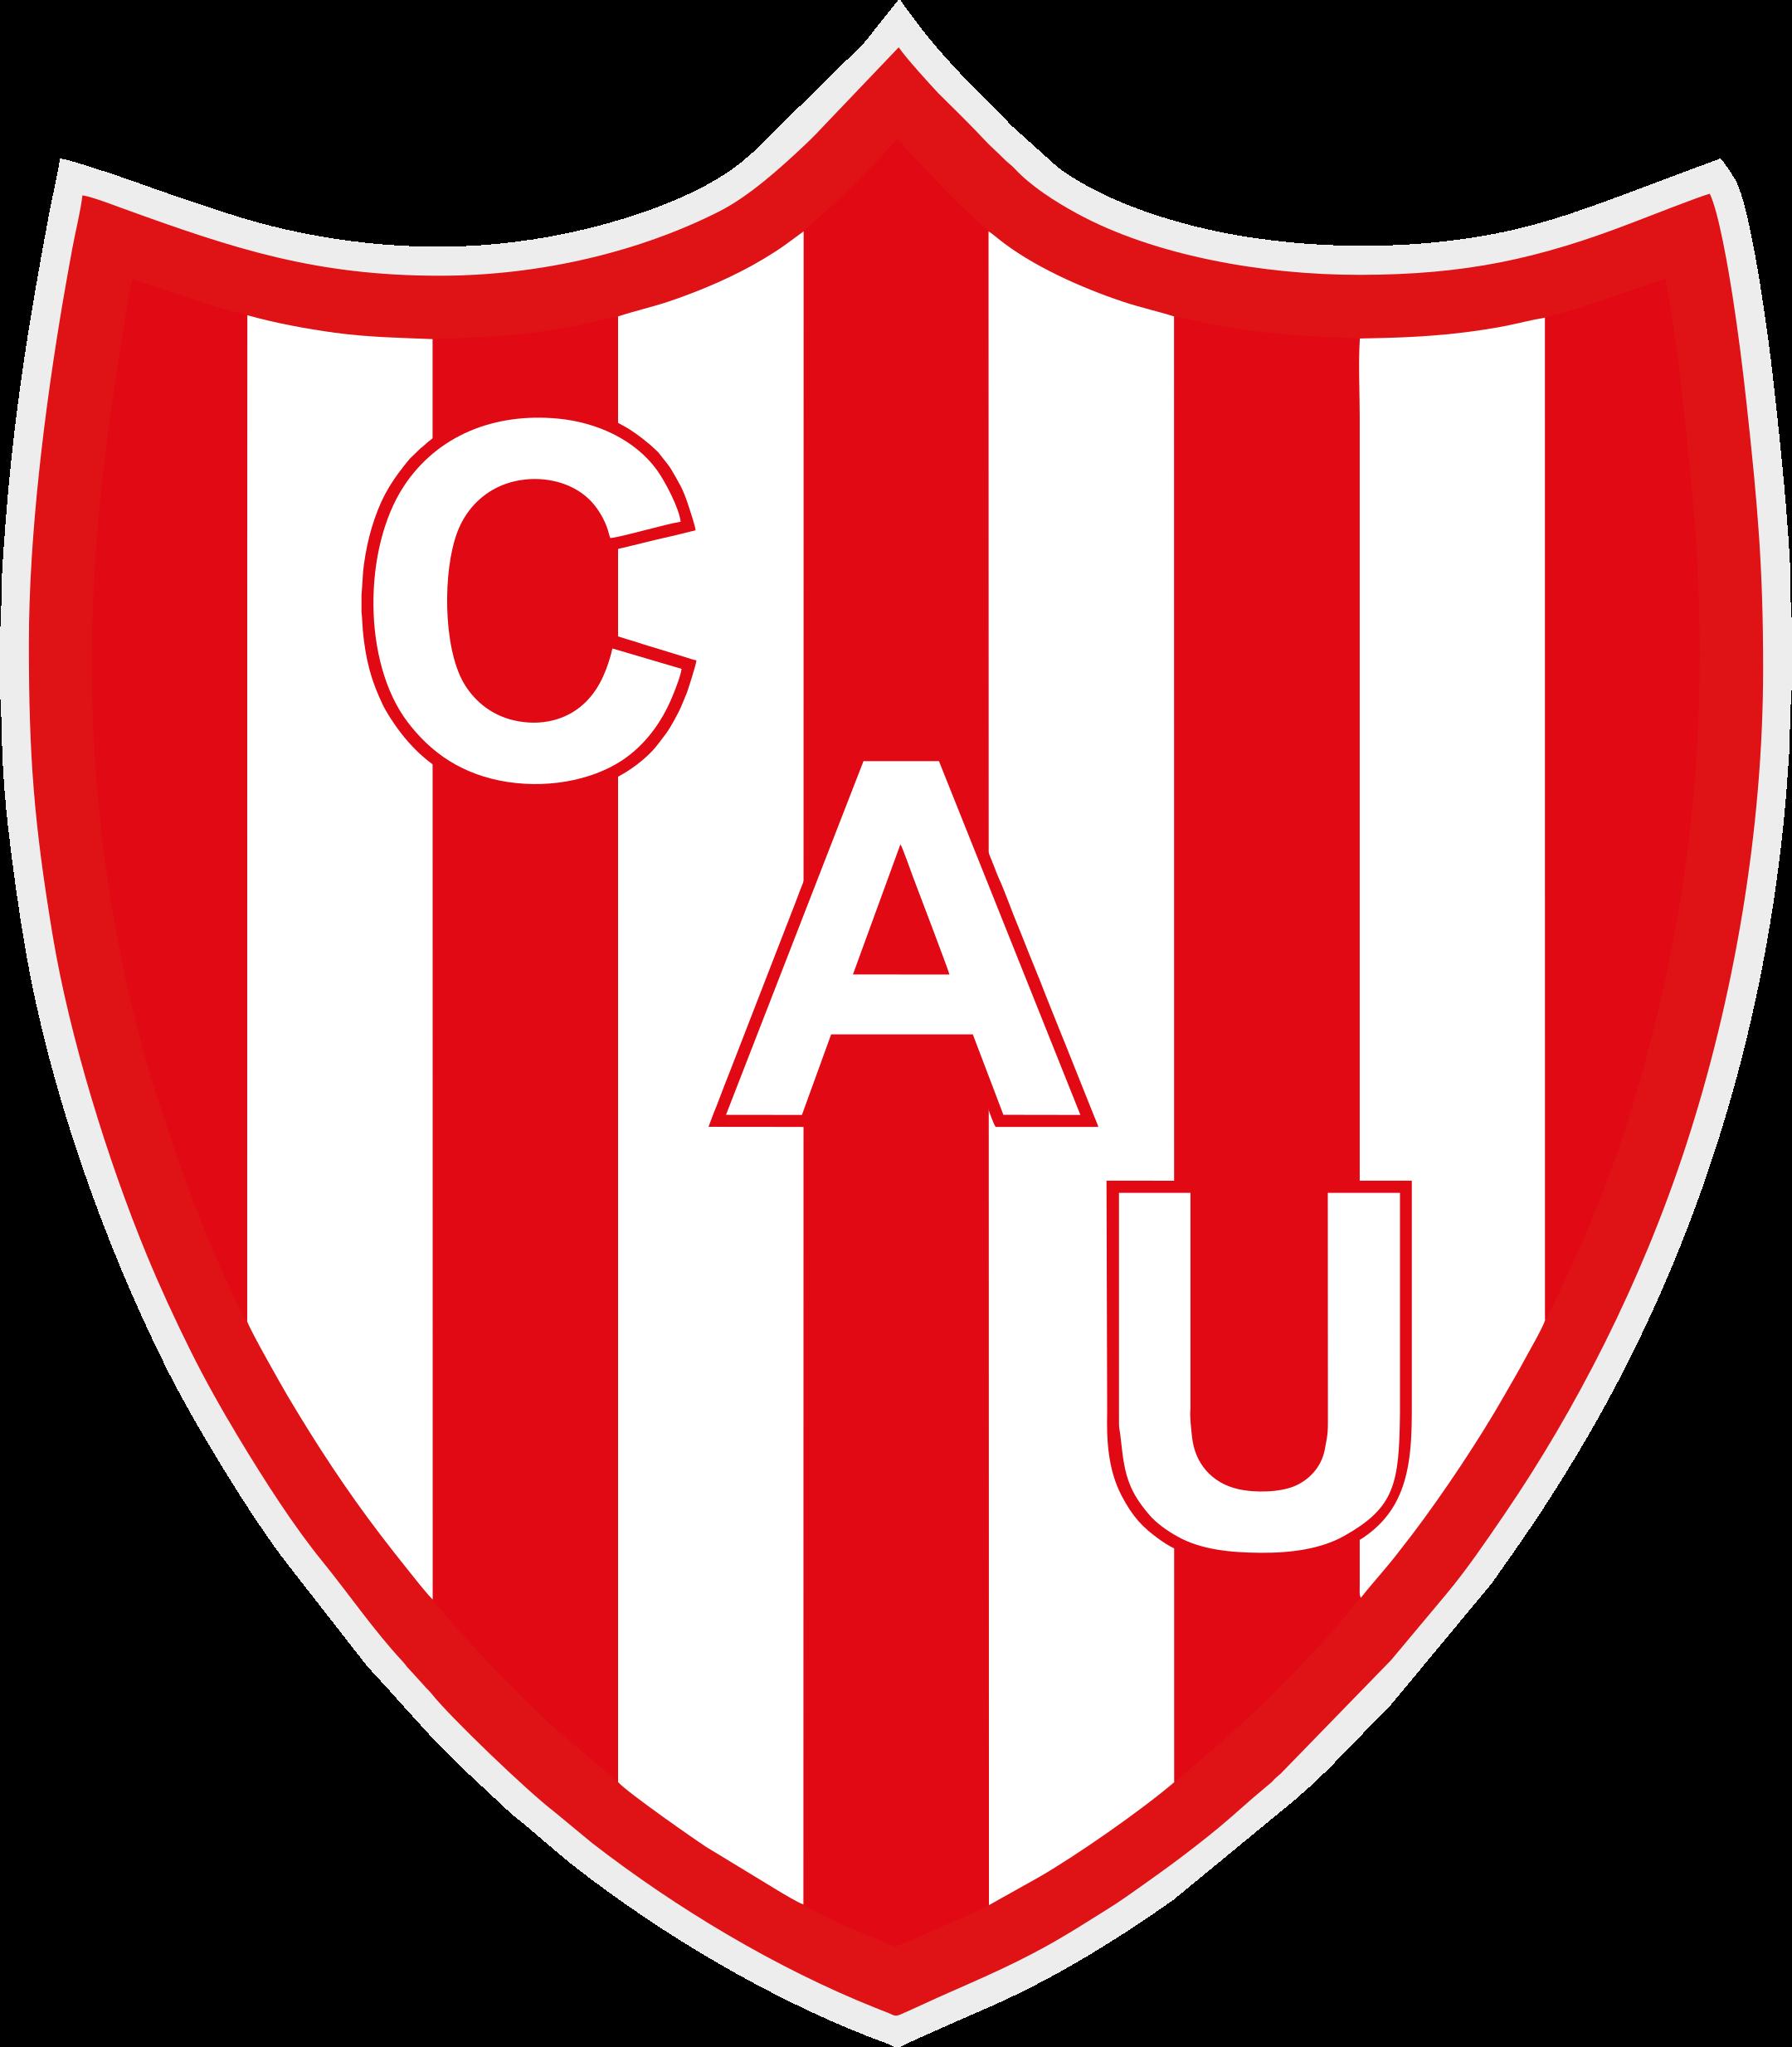 ca union logo 1 - Club Atlético Unión Logo